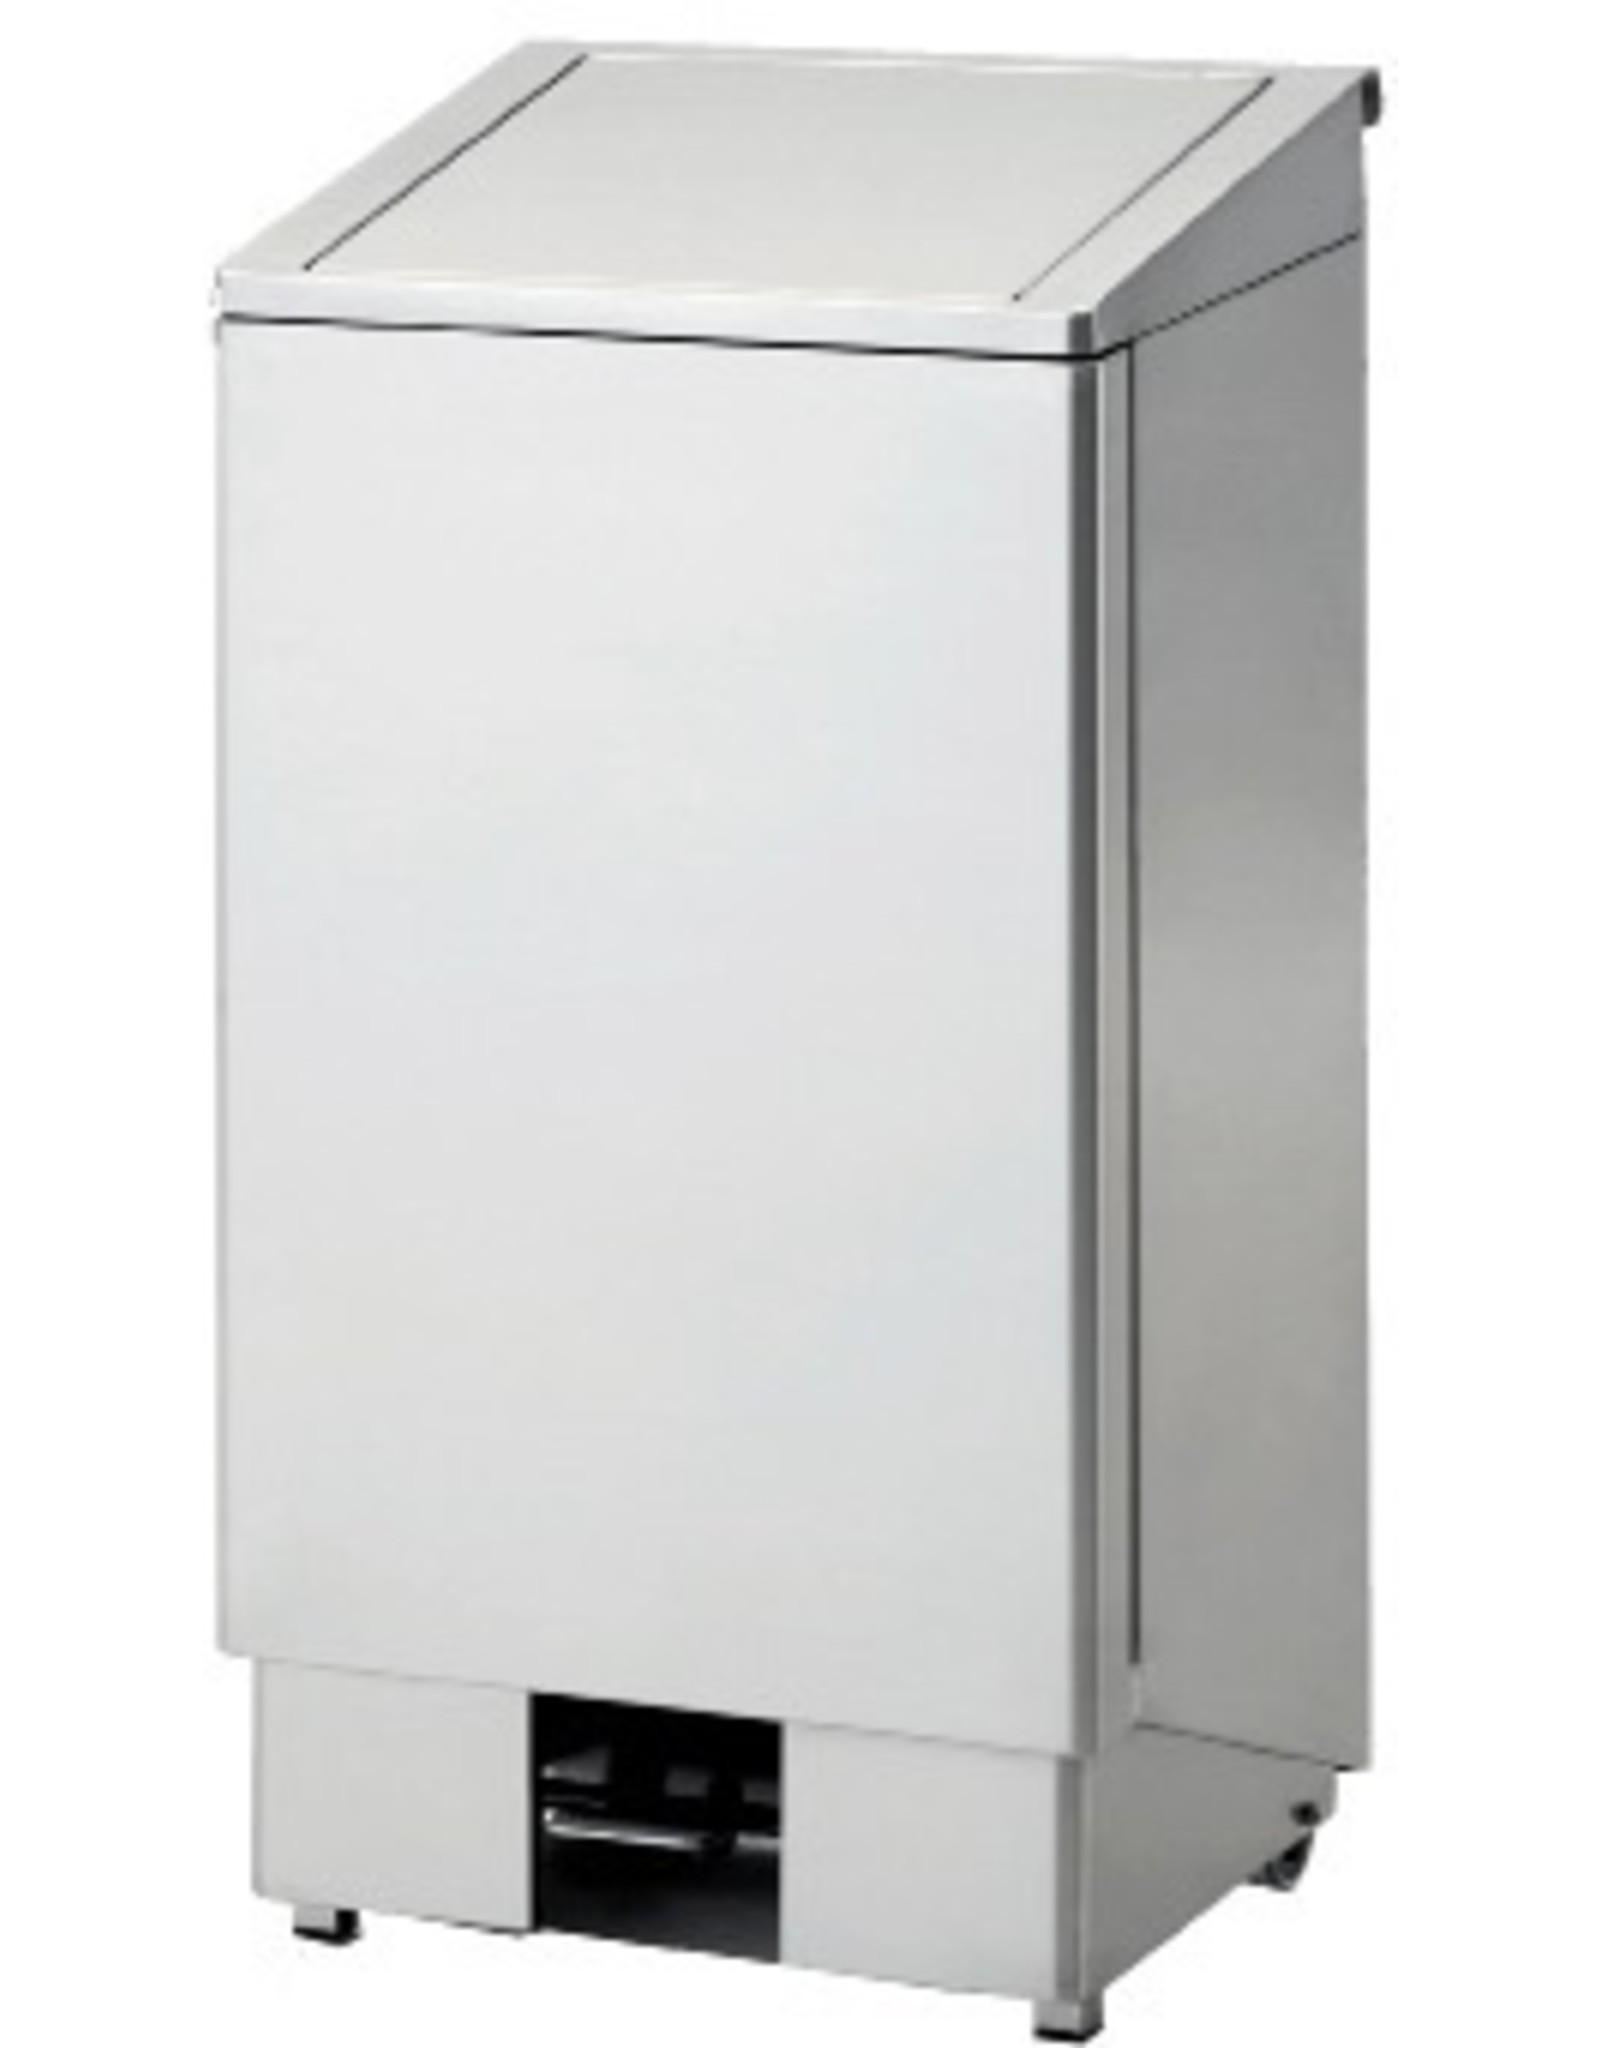 RVS pedaalafvalbak | 120L | (H)93,5x(B)46,5x(D)42cm